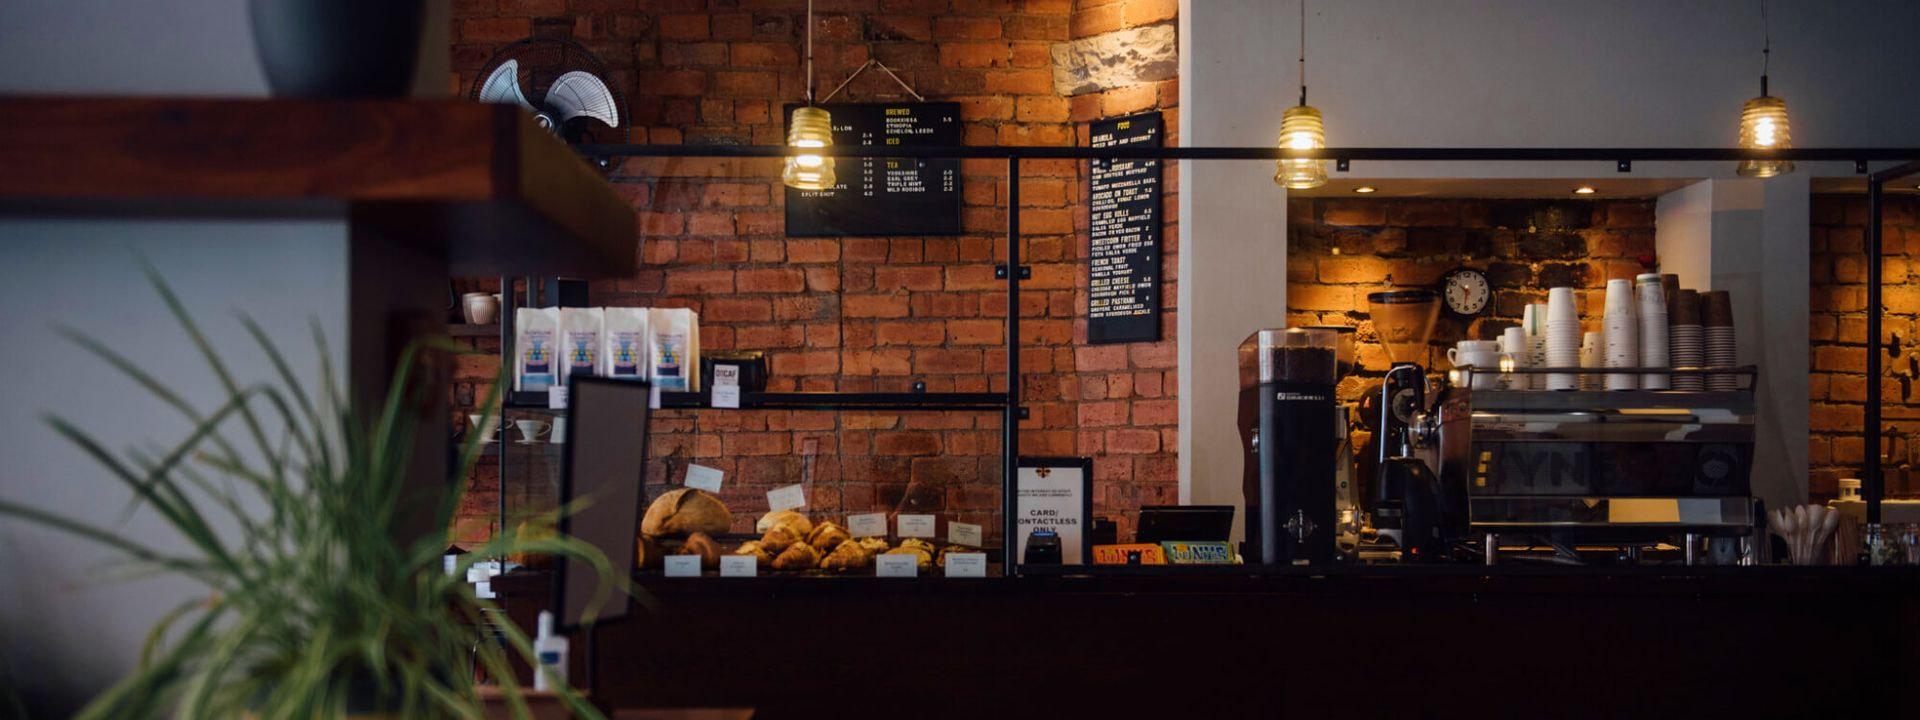 Laynes Espresso inside cafe